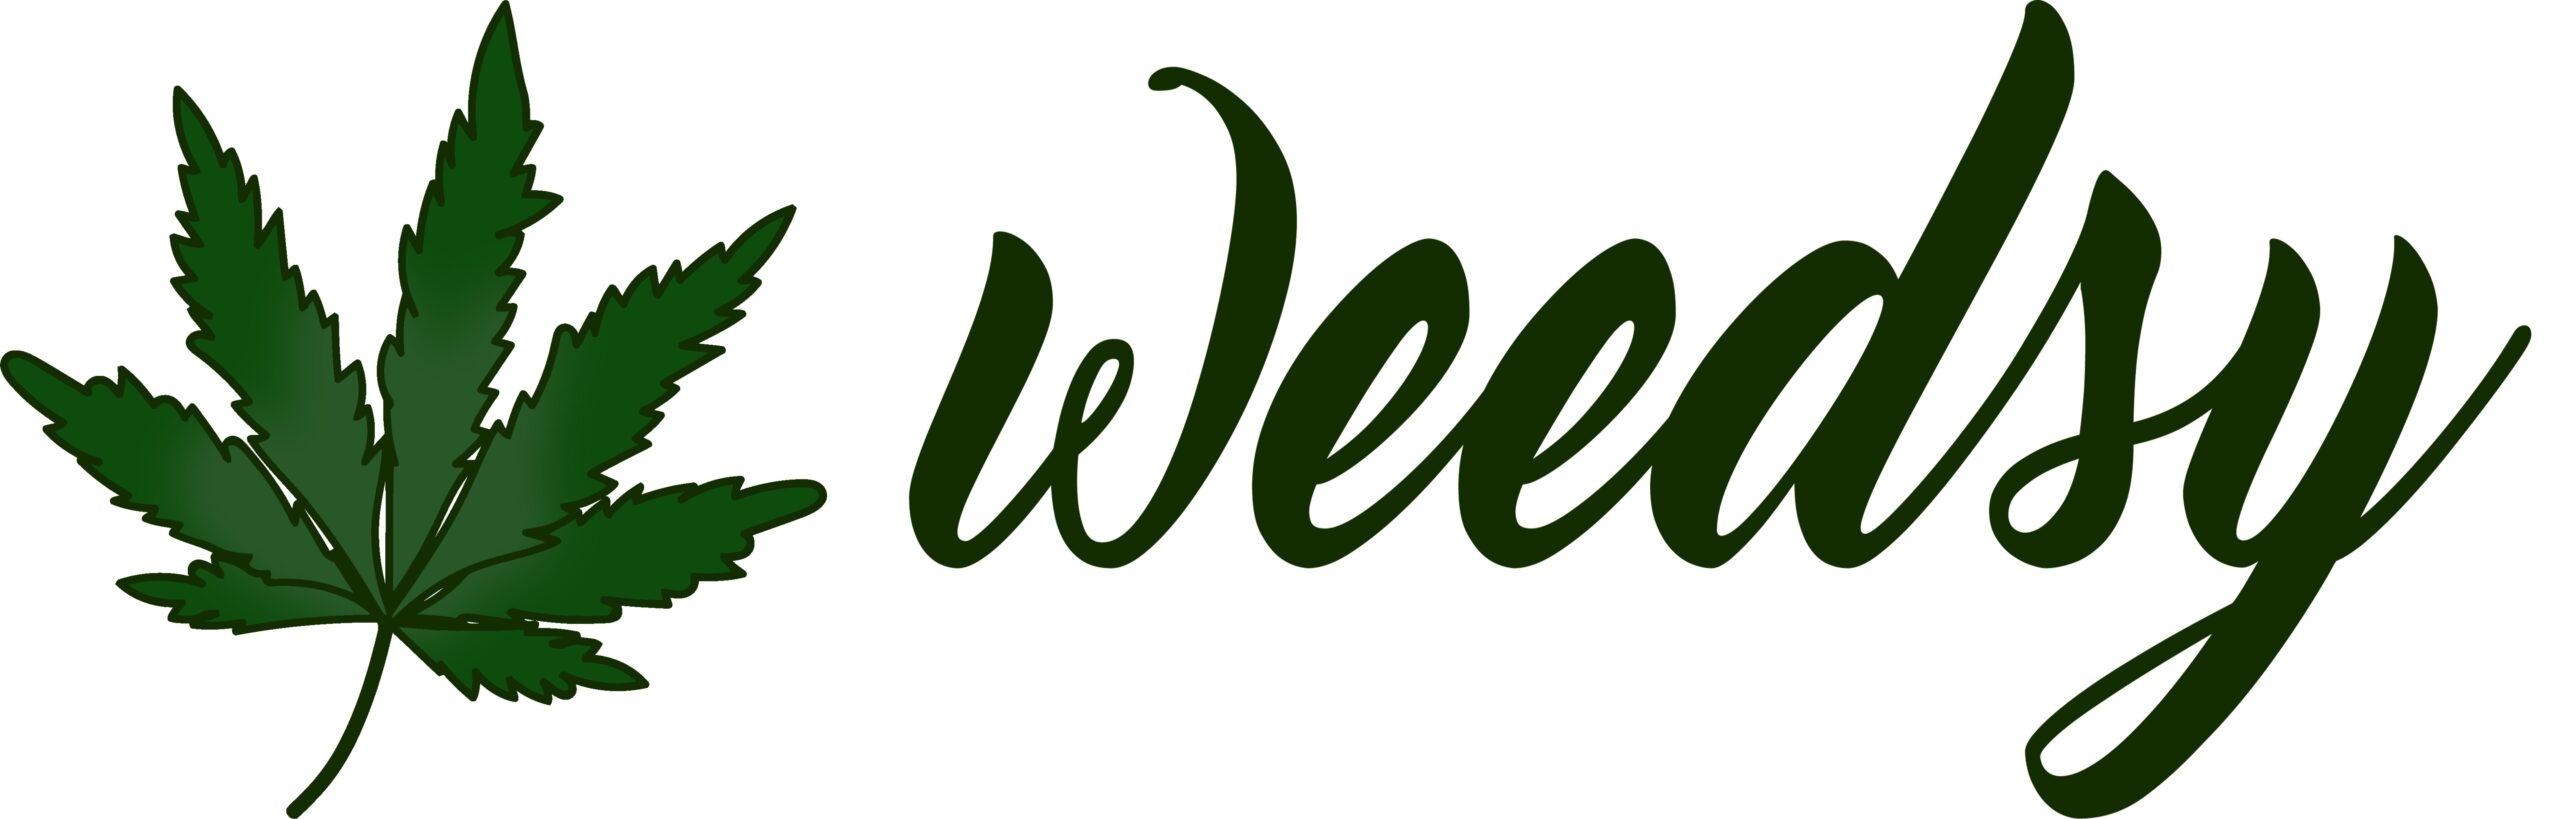 Weedsy.ca